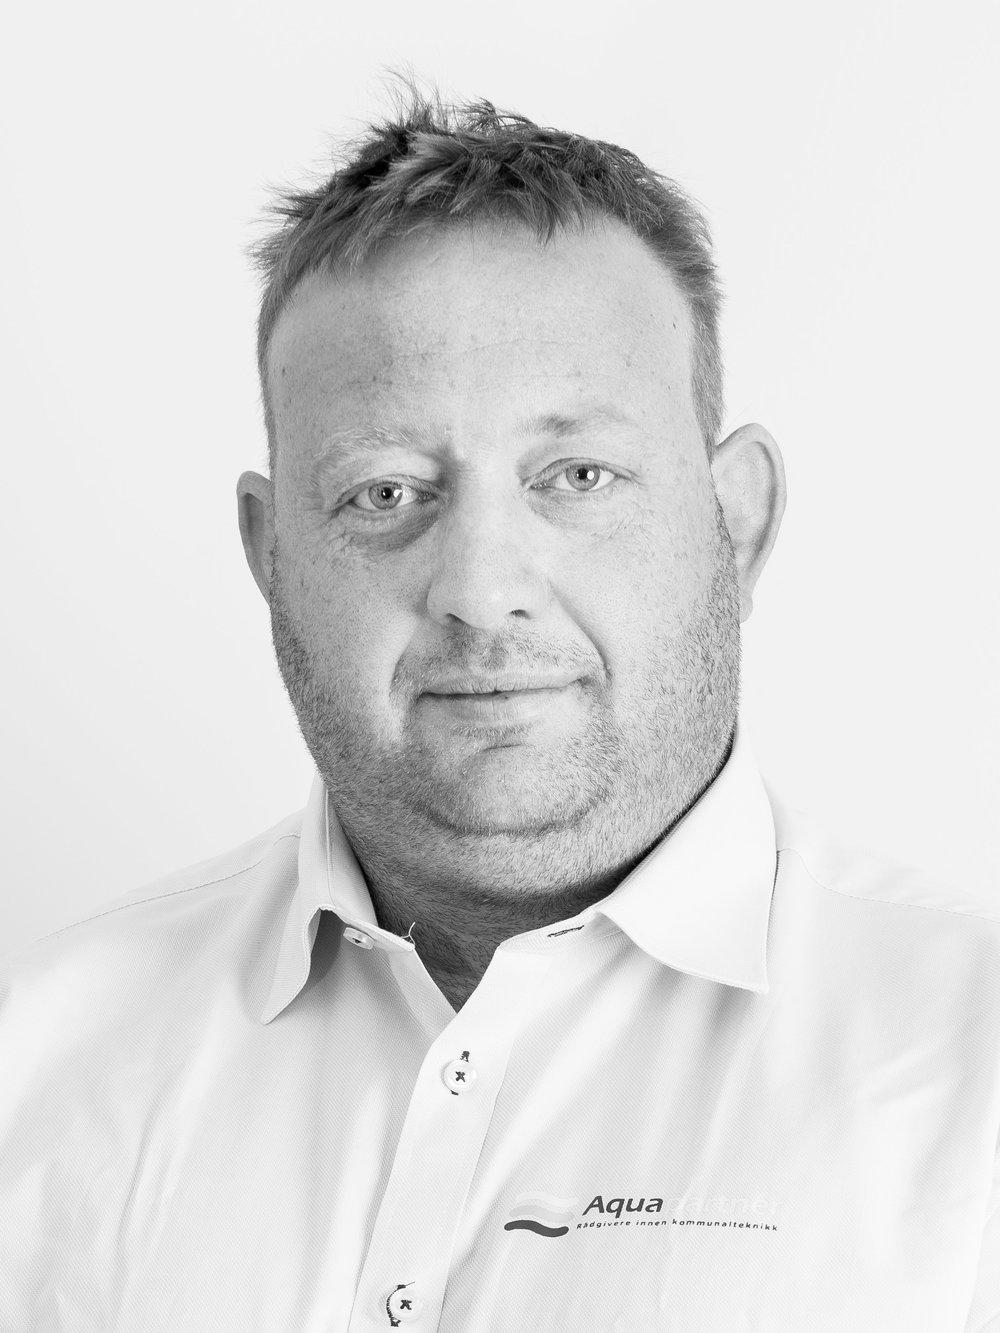 Fredrik Tjøgersen